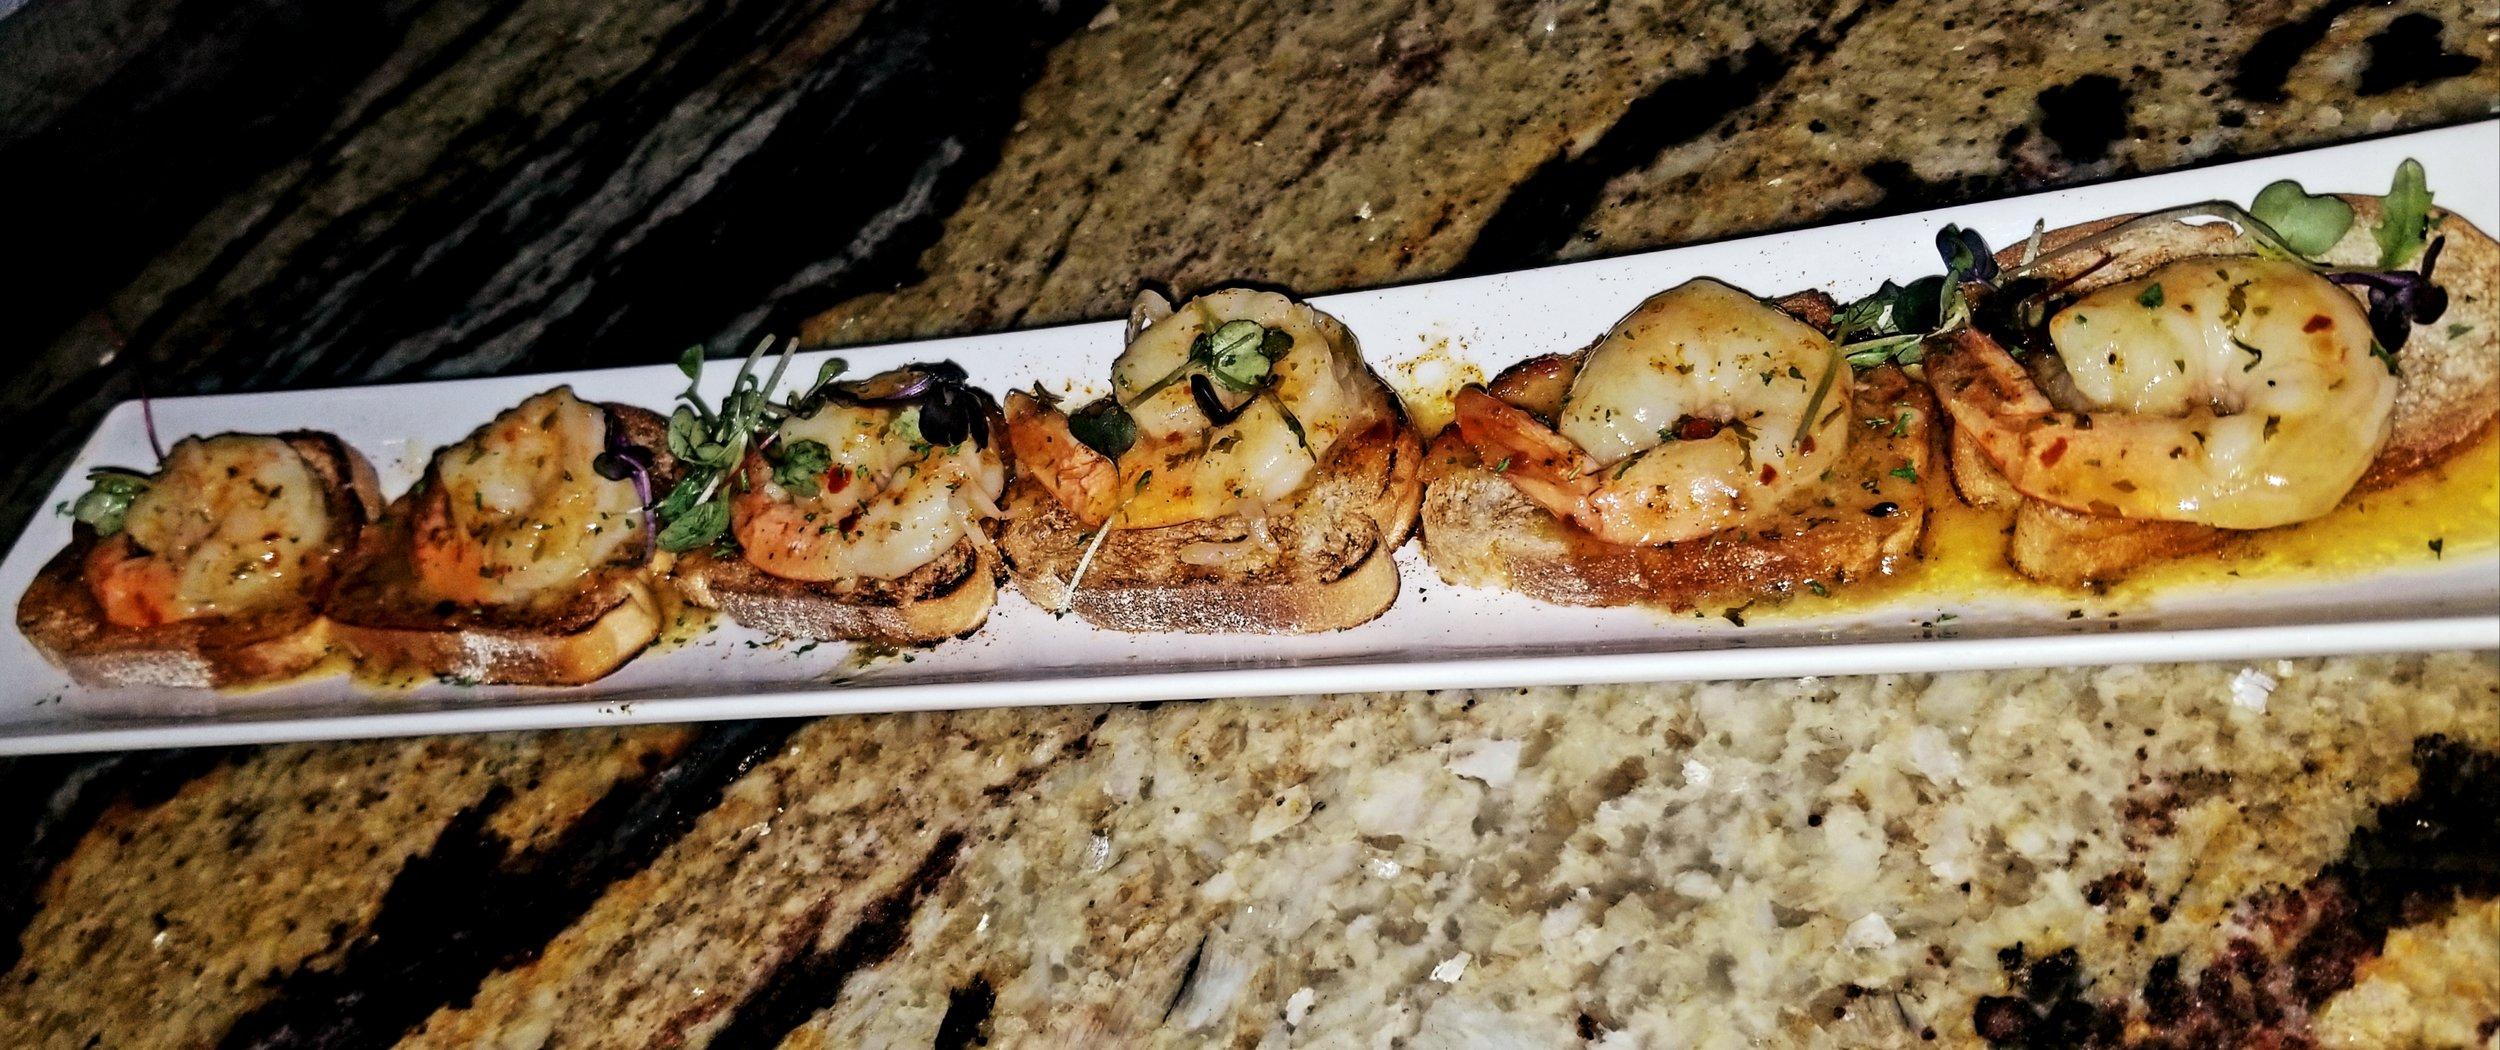 Jordan Johnson Seafood- Shrimp Scampi Appetizer- $10